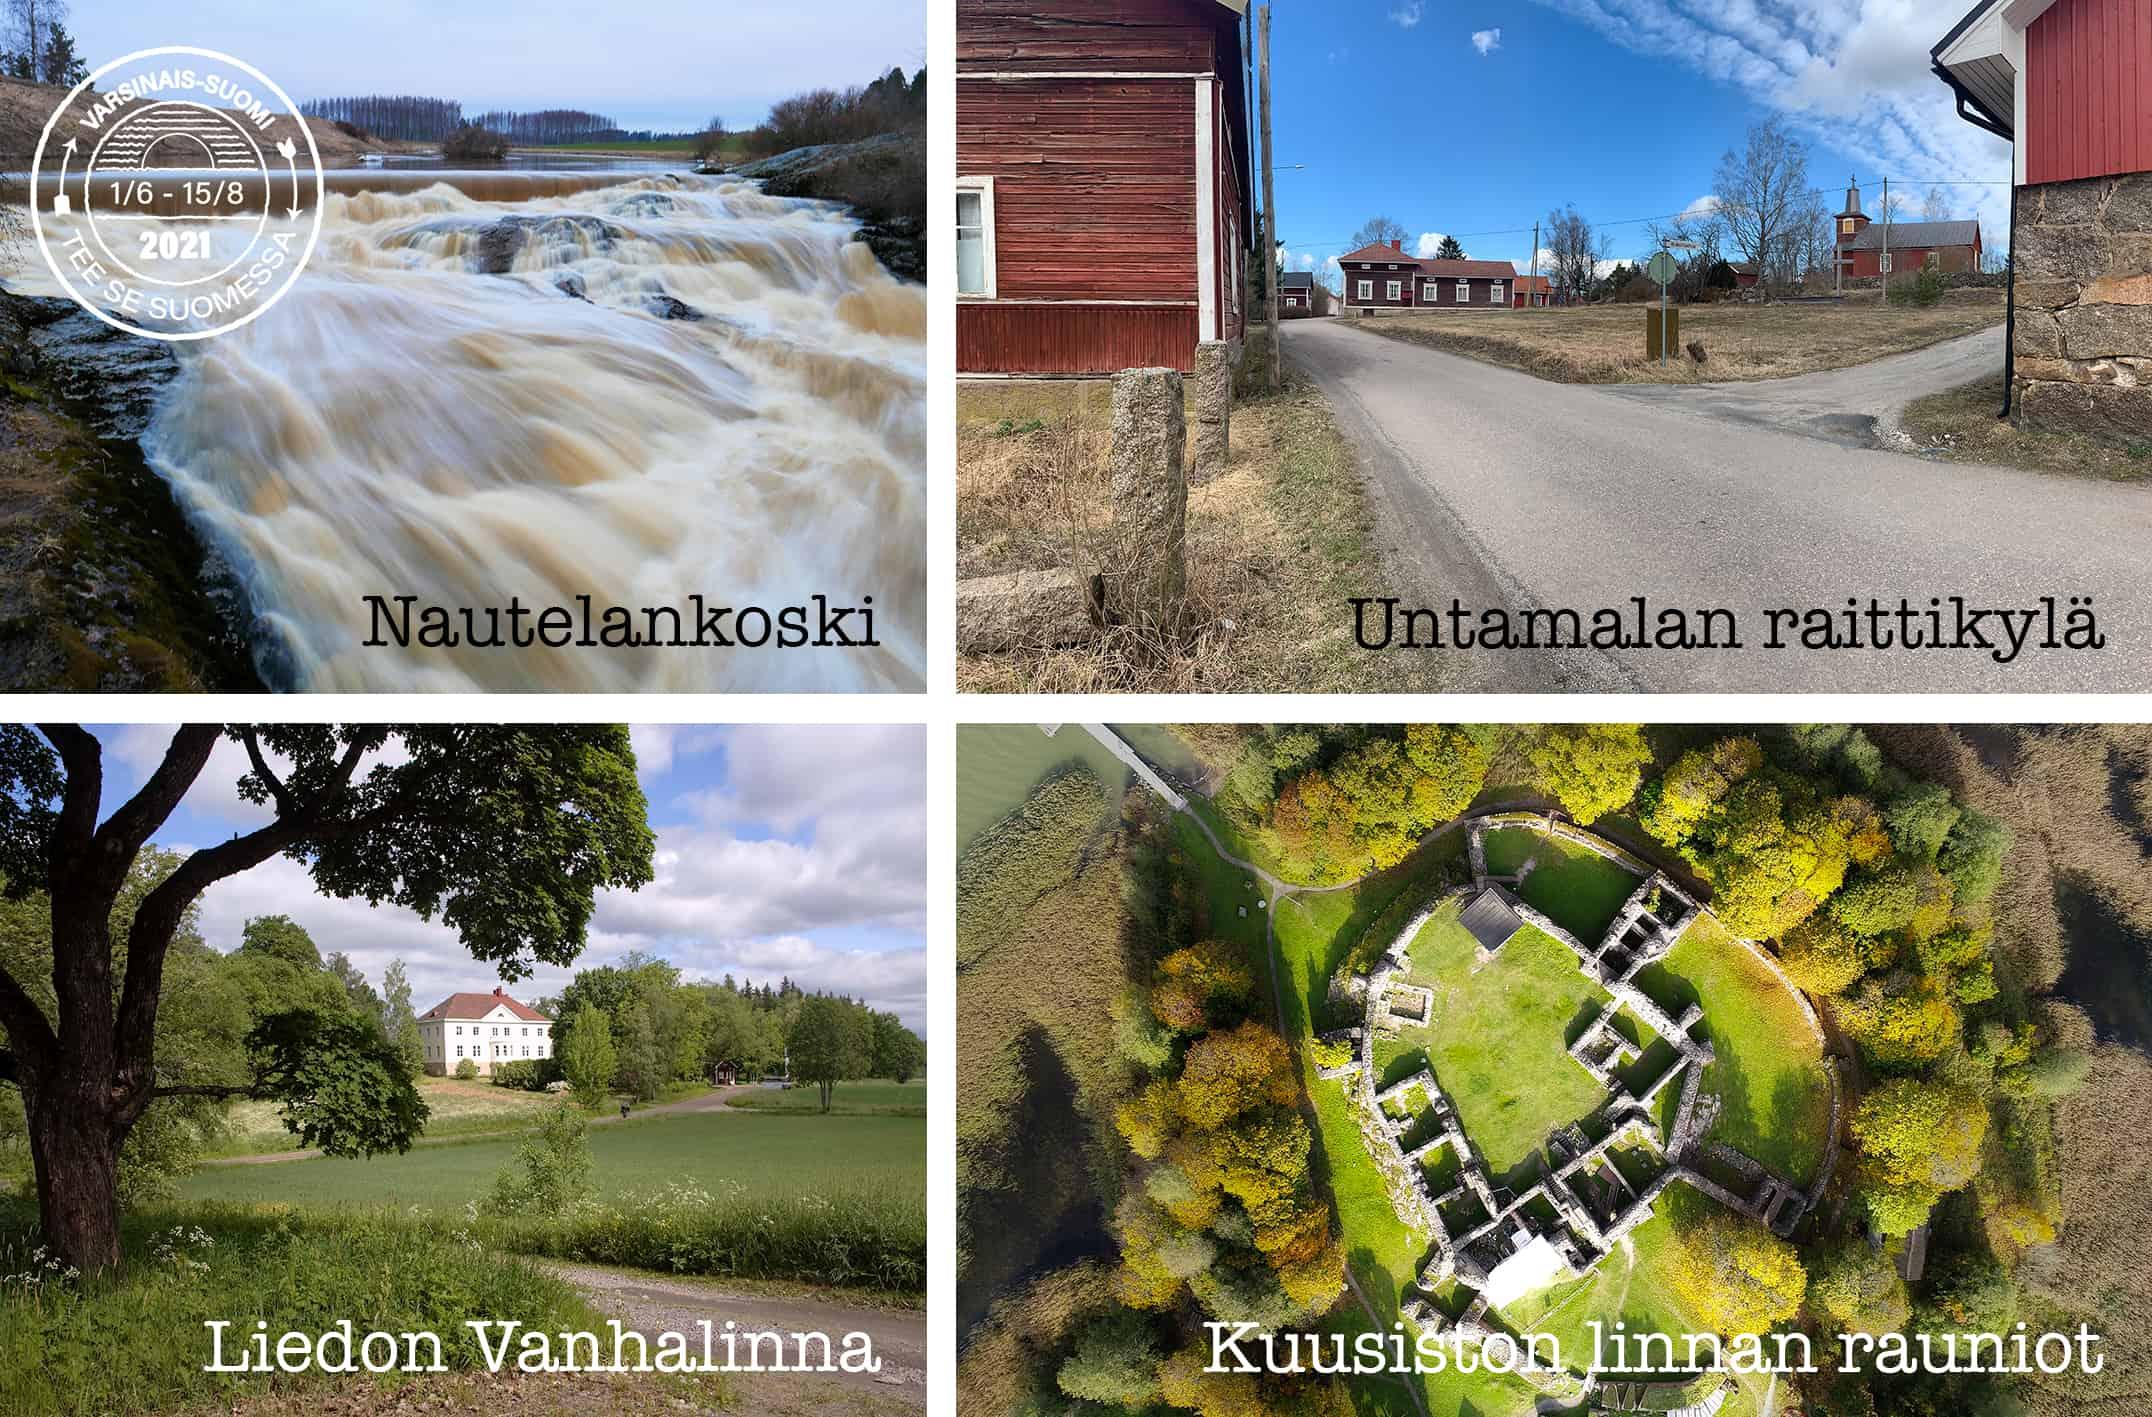 Kuvakooste, jossa esillä Nautelankoski, Untamalan raittikylä, Liedon Vanhalinna ja Kuusiston linnan rauniot.